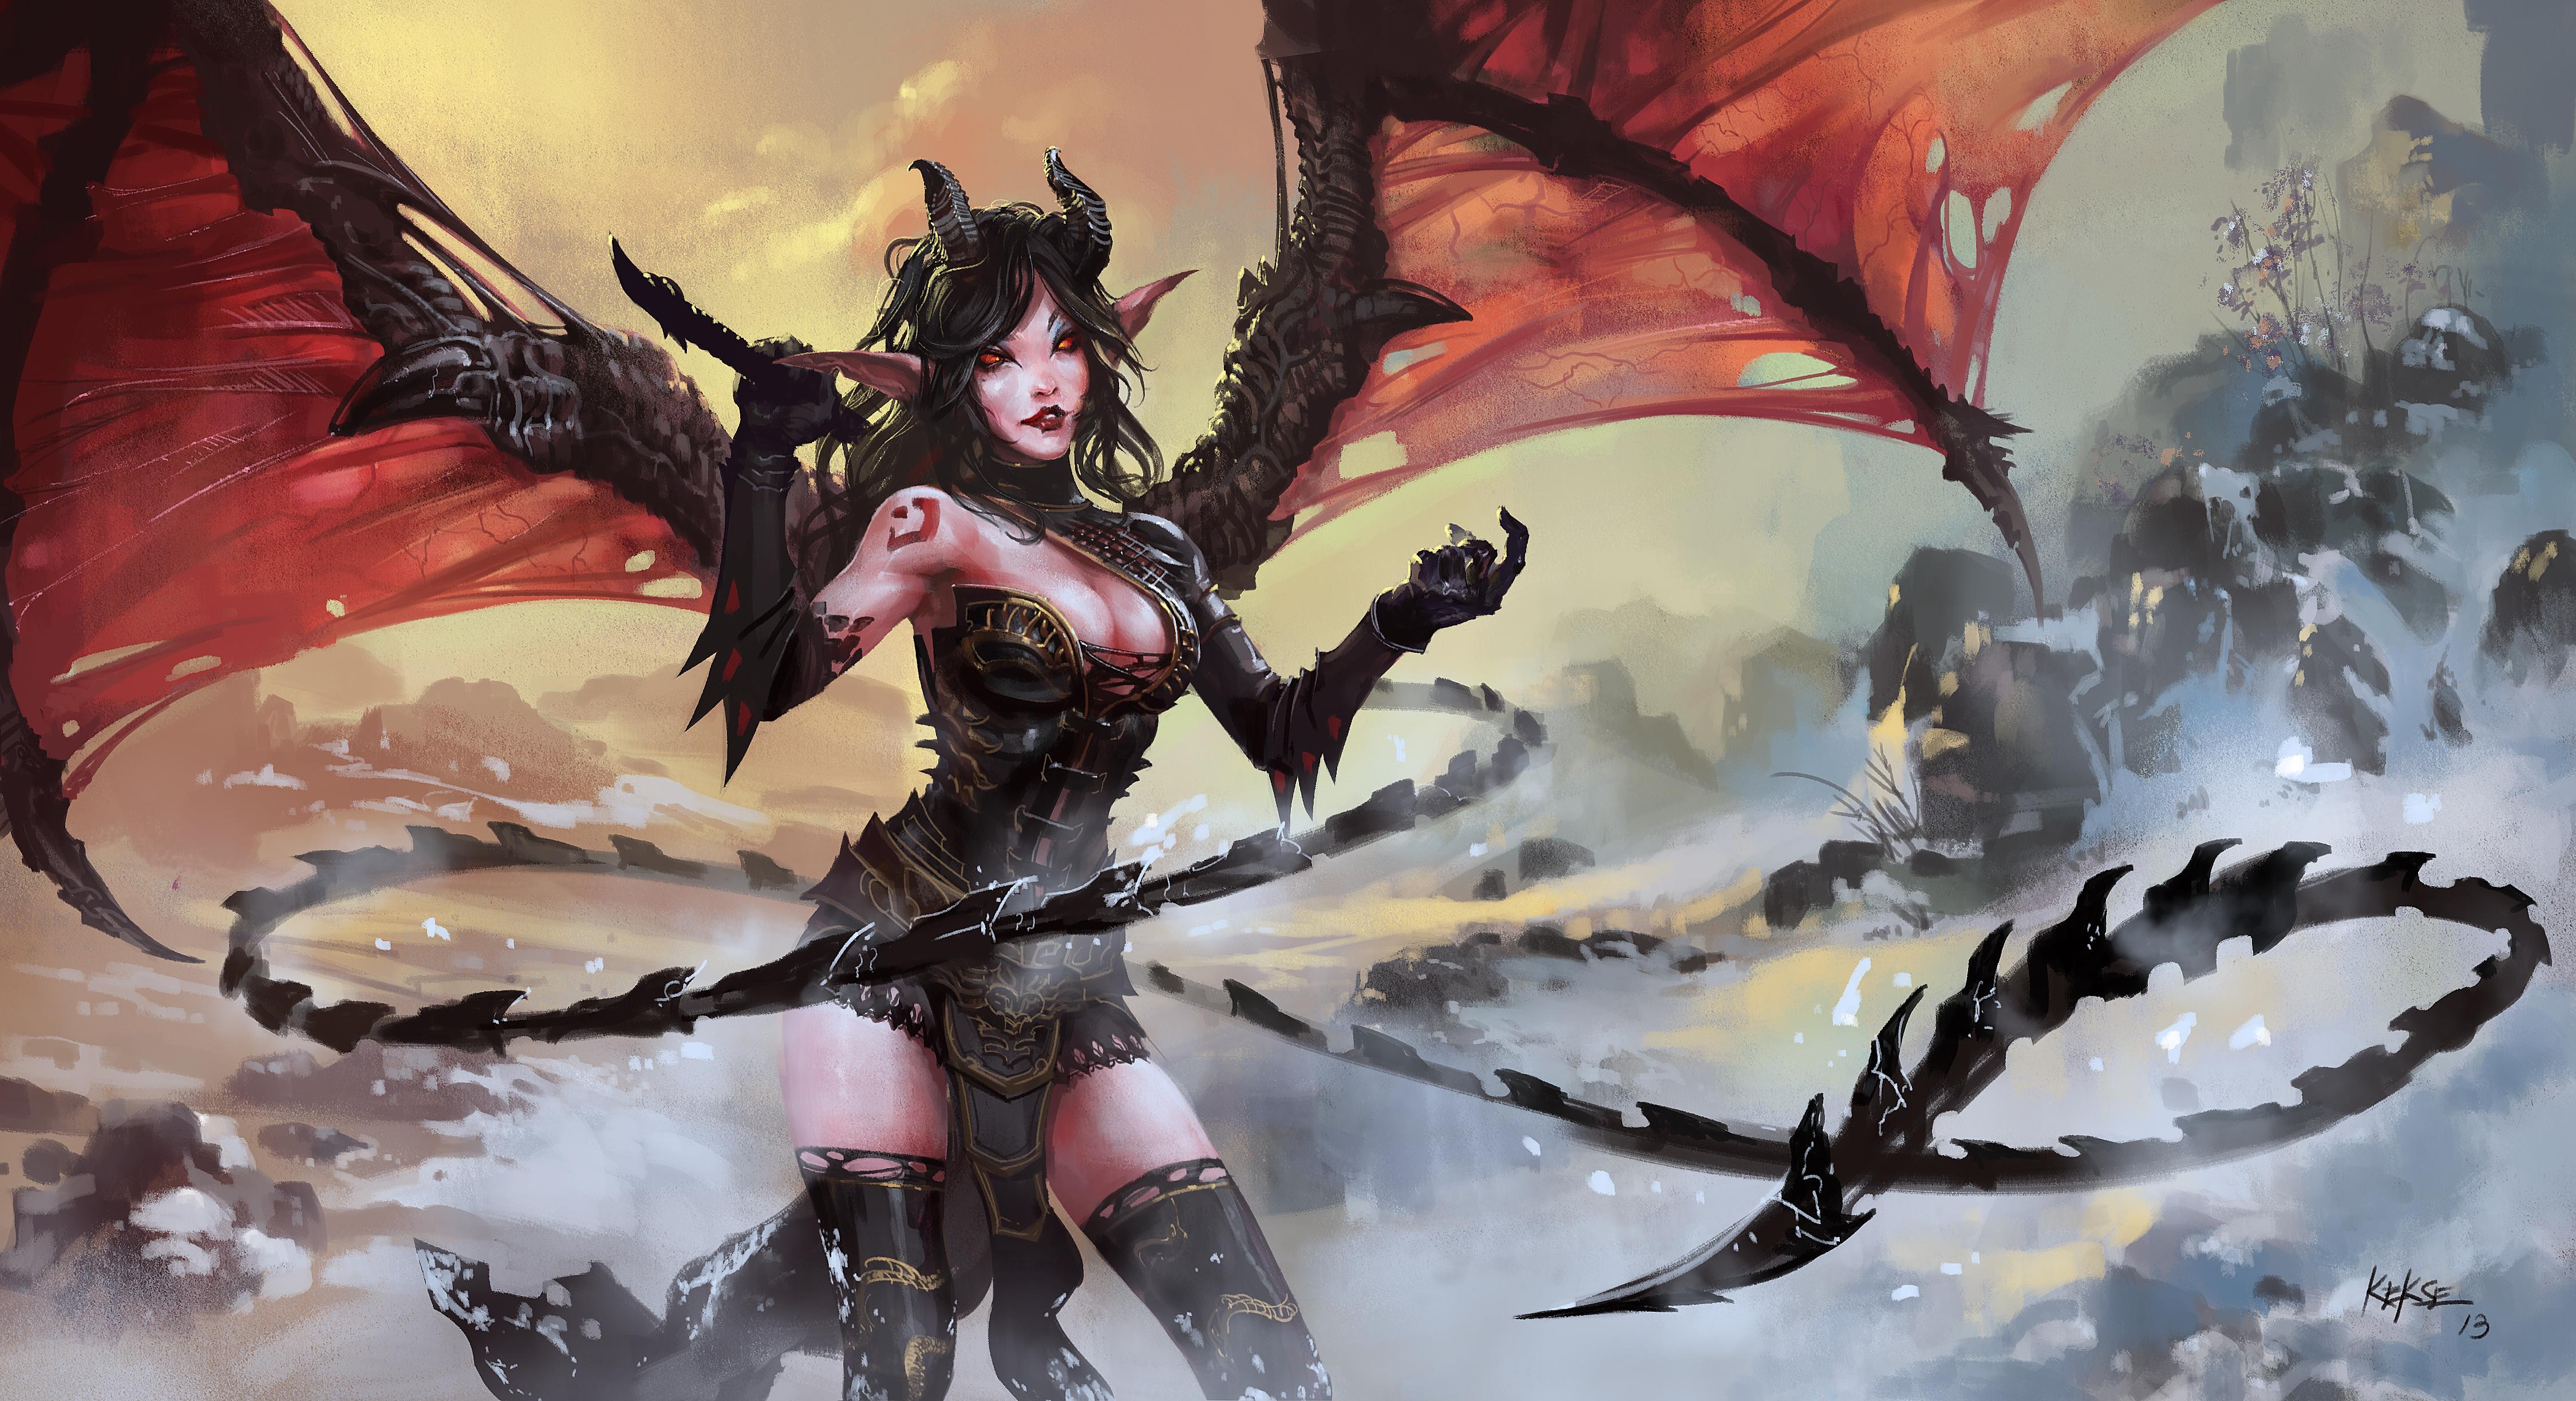 Devil Girl Wallpaper  WallpaperSafari